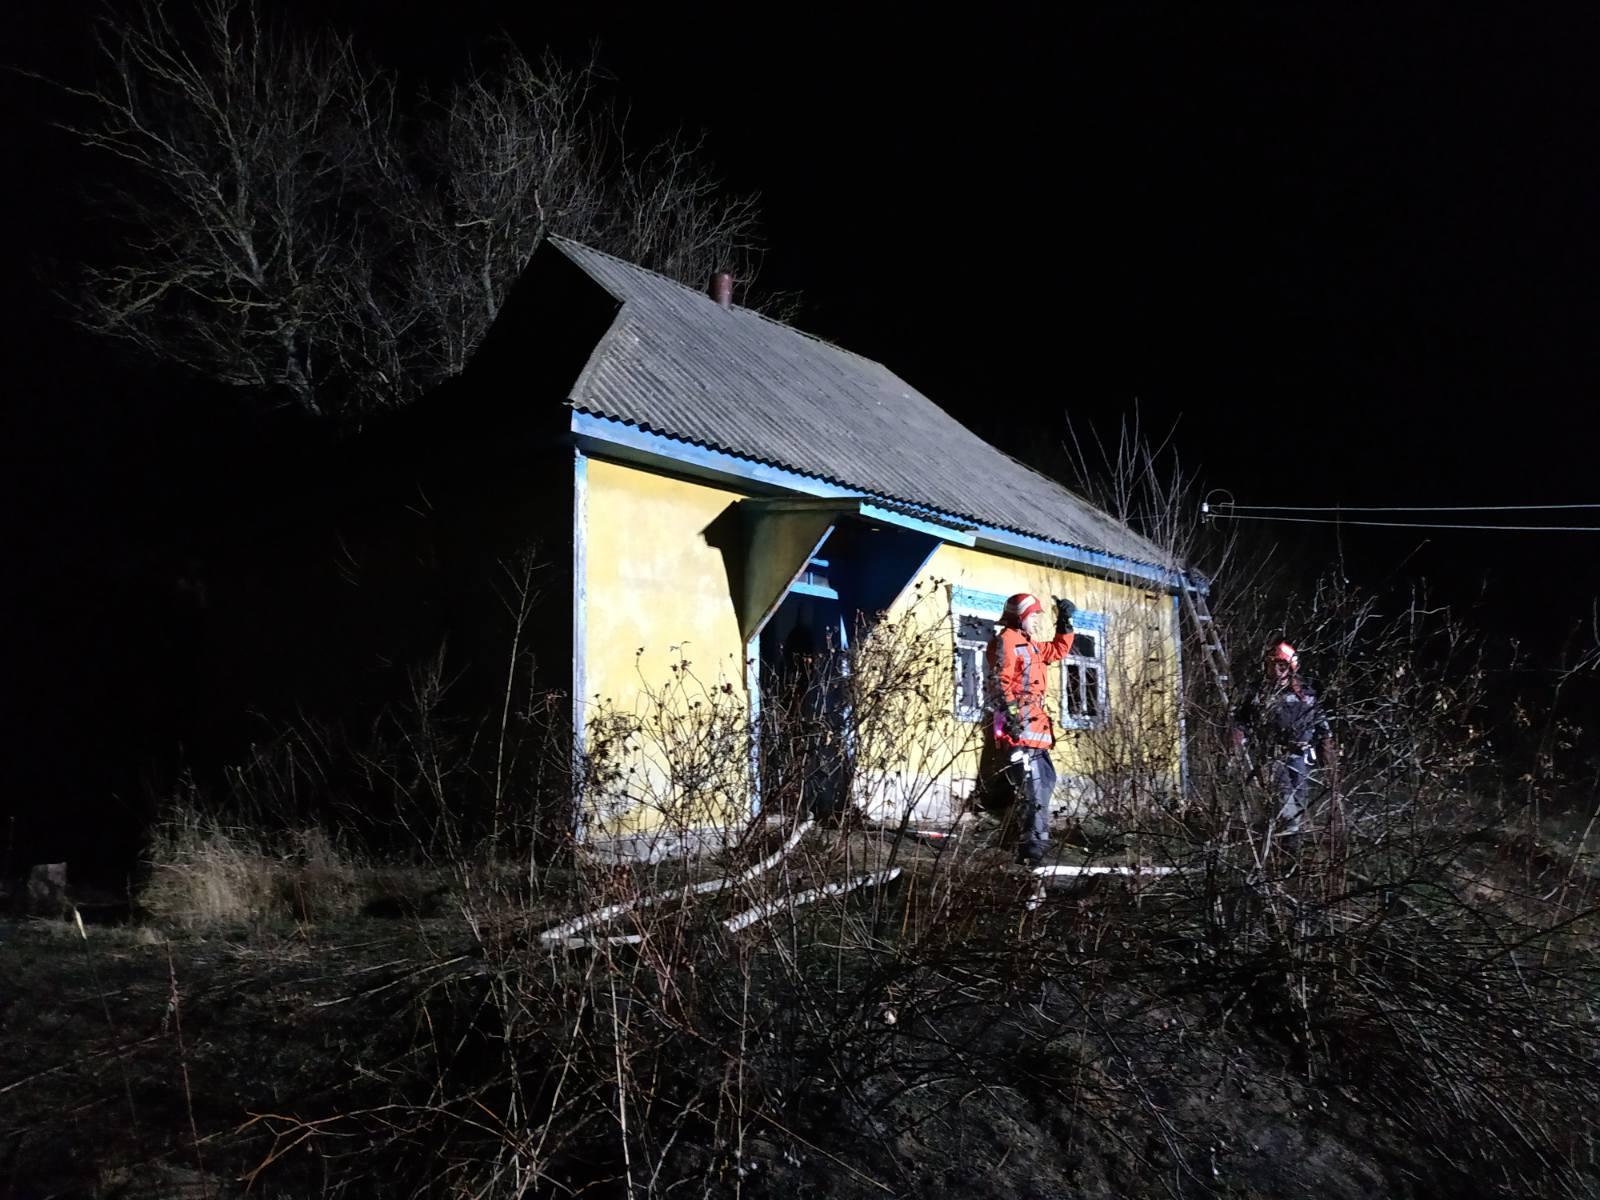 На Богуславщині внаслідок загорання в житловому будинку постраждала одна особа -  - IMG eea308b3d1682119b9826ef438958f06 V